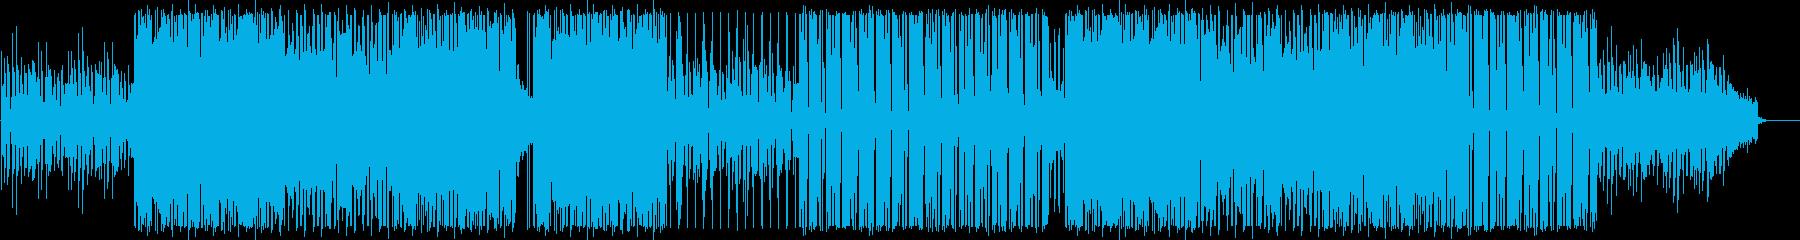 電子楽器。滑らかで大胆なグルーヴは...の再生済みの波形